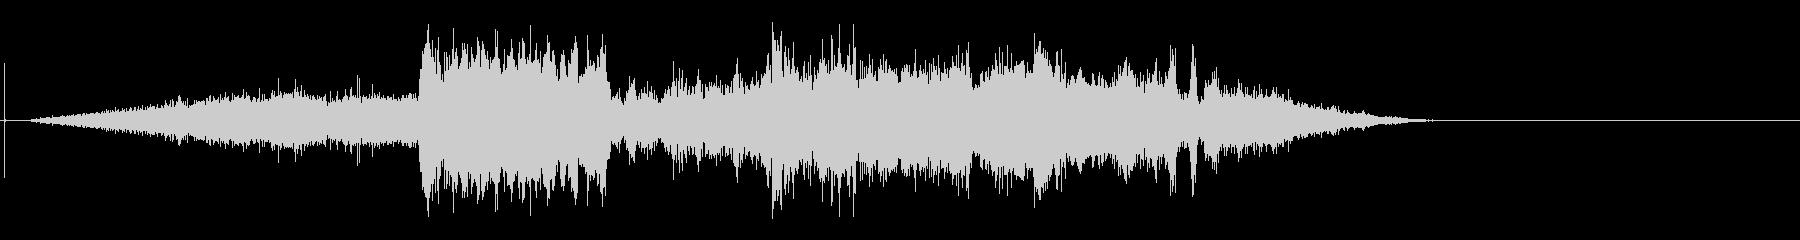 クラシックローラーコースターの未再生の波形